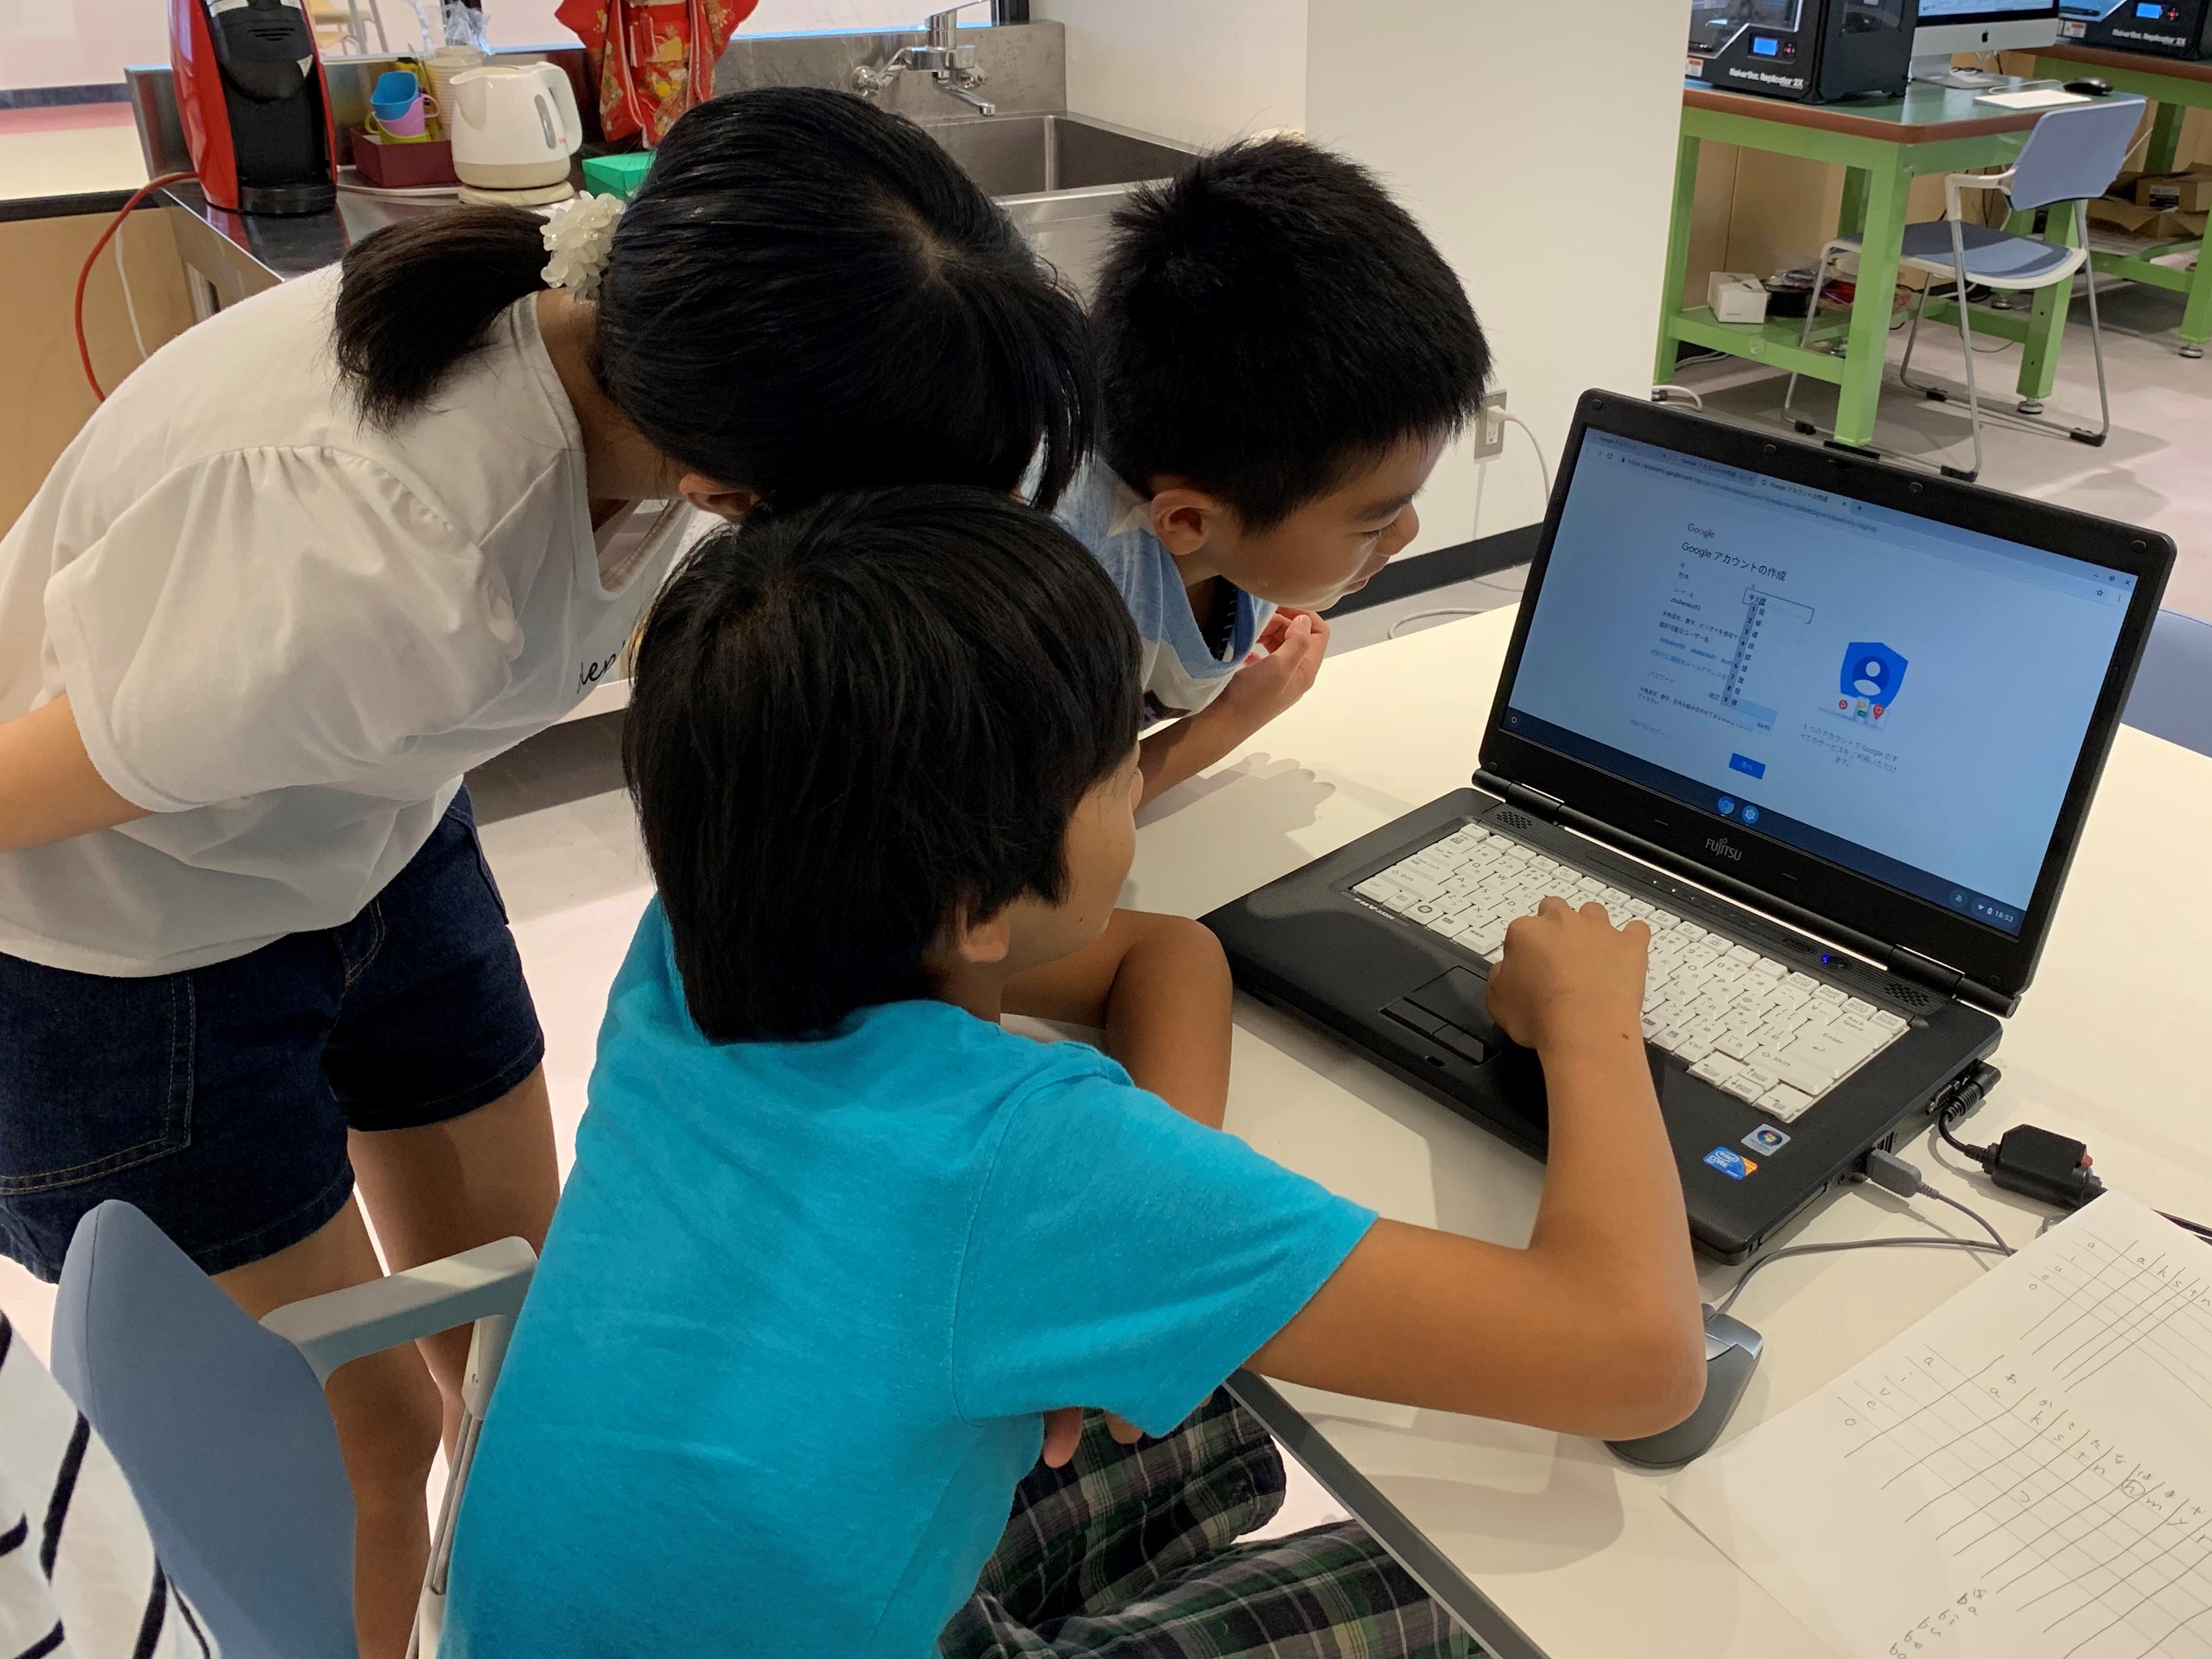 ふるさと納税による「コンピュータクラブハウス加賀」への支援を大募集!